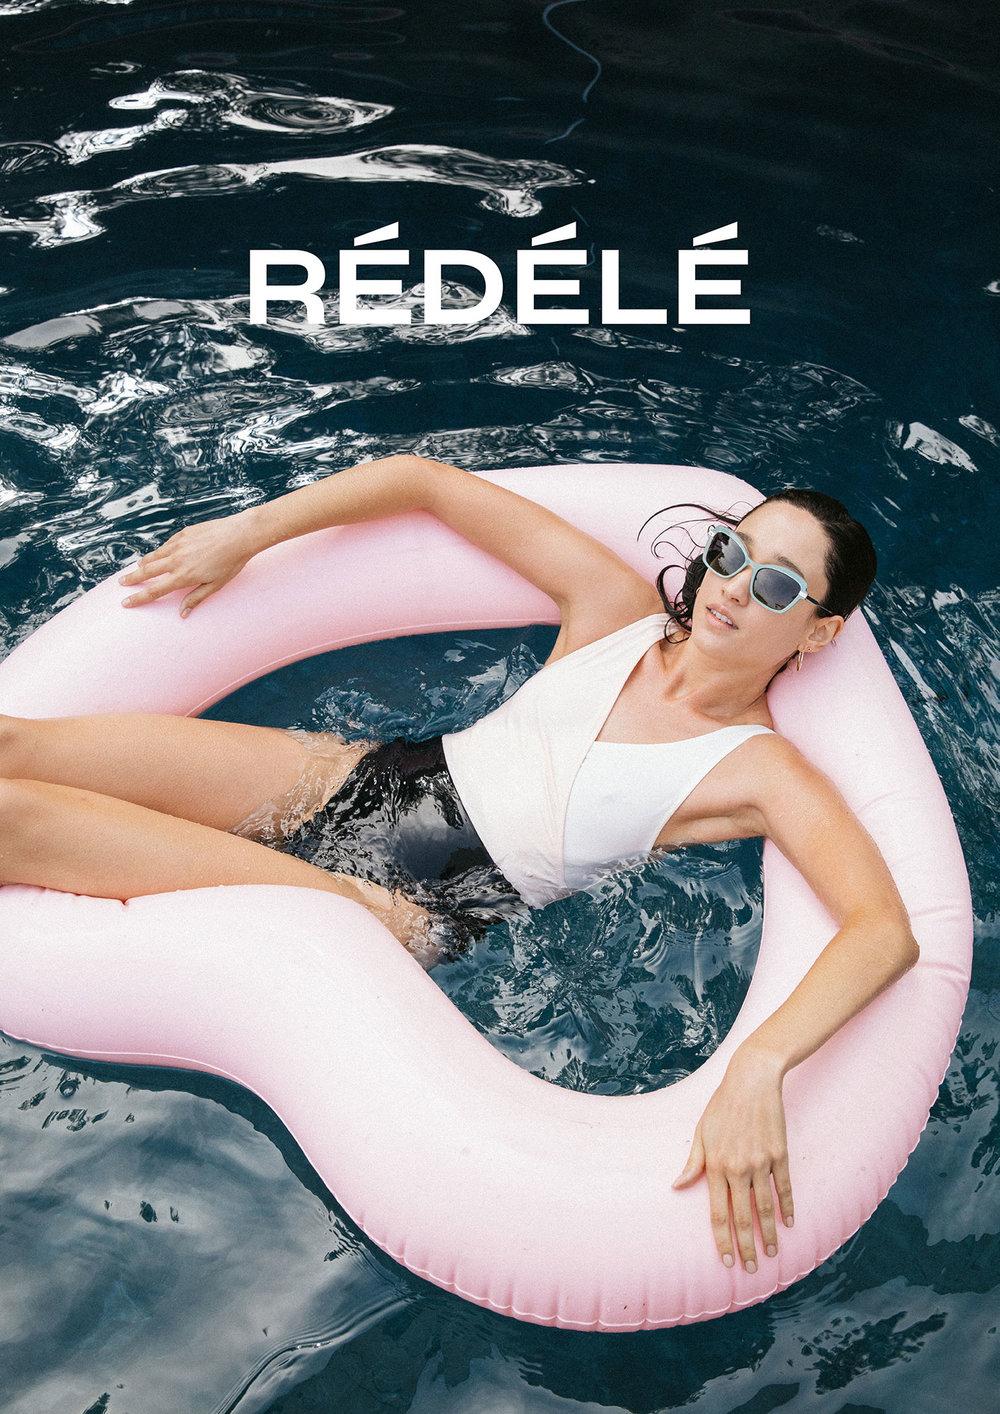 redele6.jpg